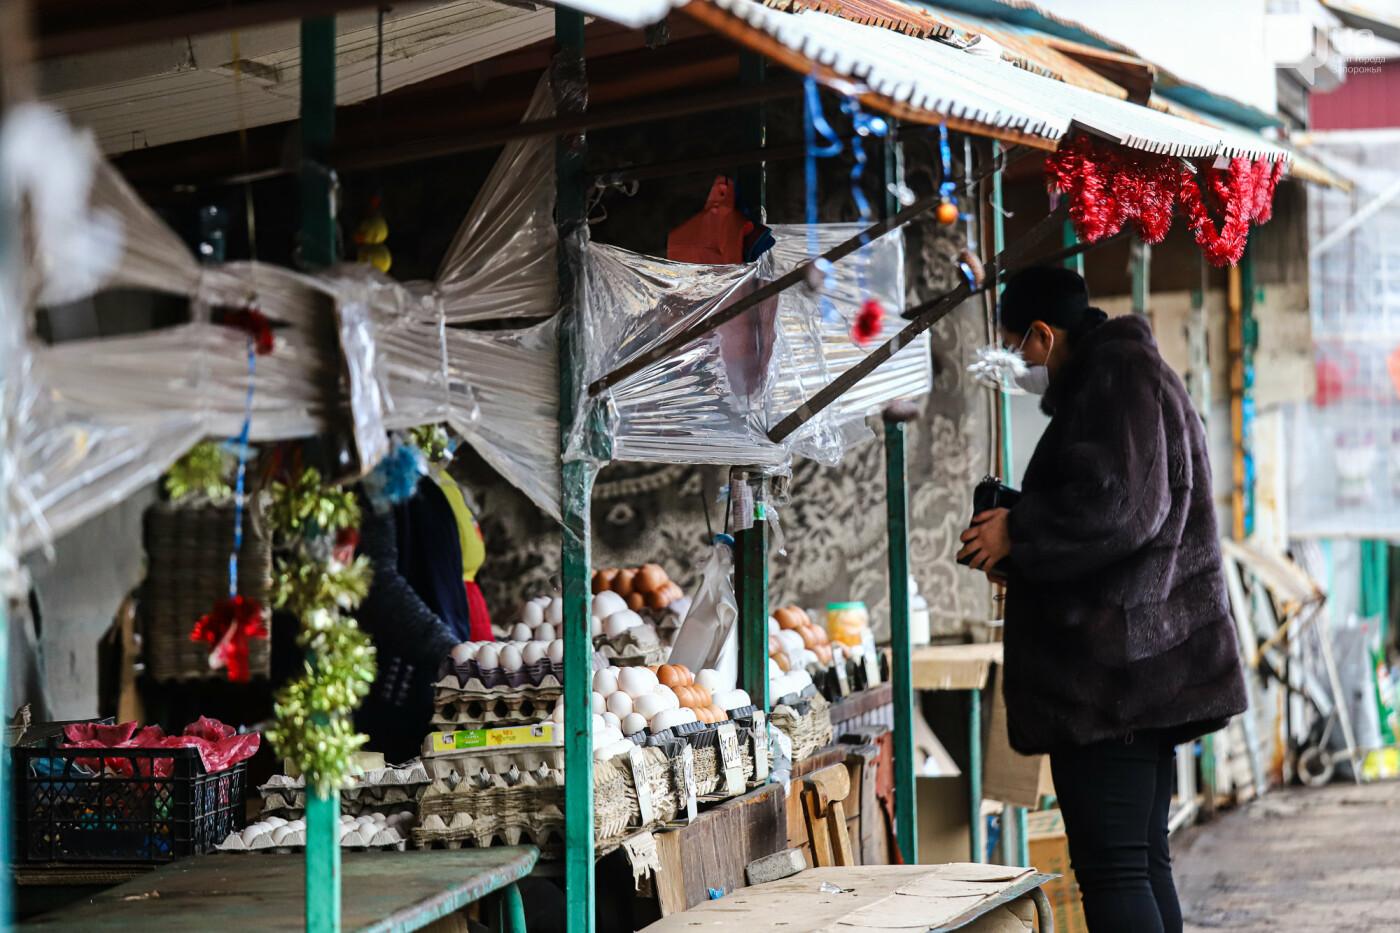 Защитные ленты на товарах, неработающие ТРЦ и полузакрытые рынки – фоторепортаж о первом дне локдауна в Запорожье, фото-10